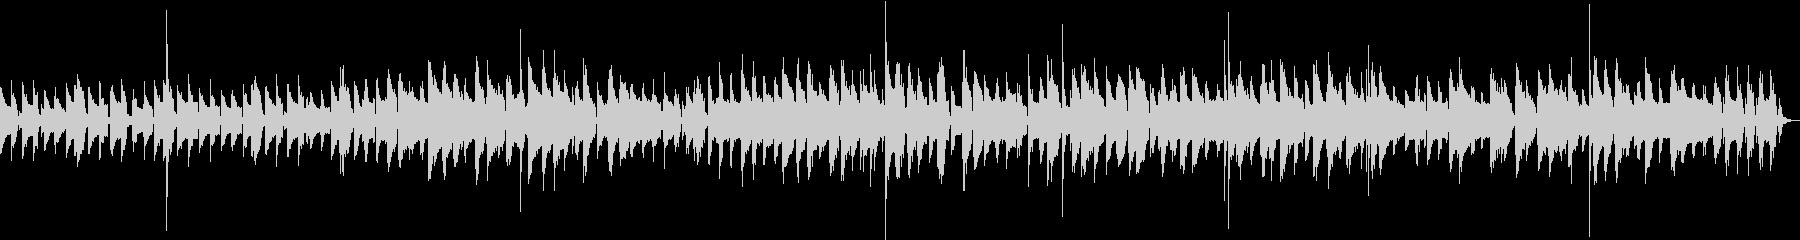 明るく元気なモダンジャズ ピアノの未再生の波形